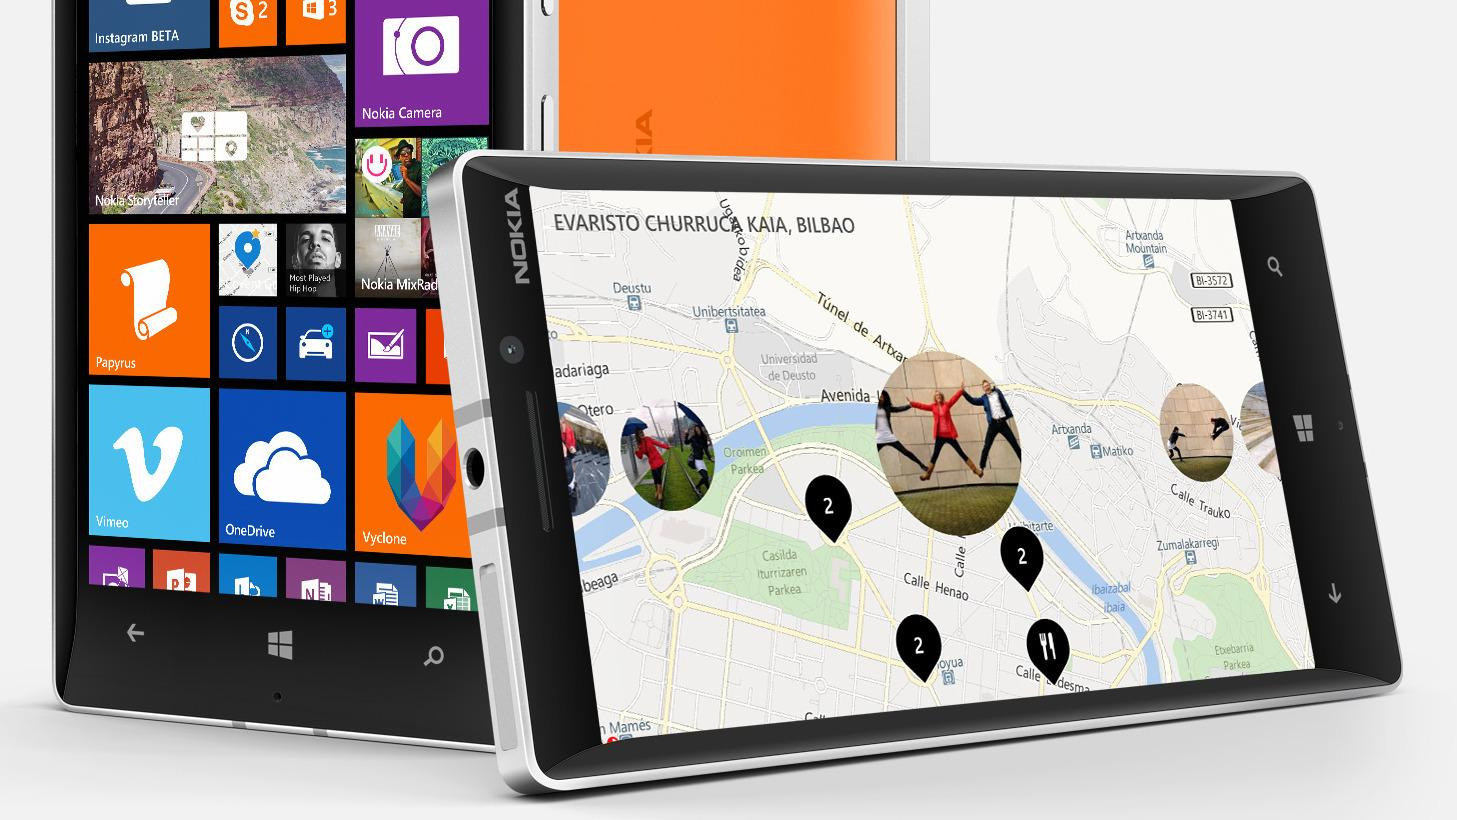 Microsoft Nokia Lumia 930 kjører Windows Phone 8.1.Foto: Nokia